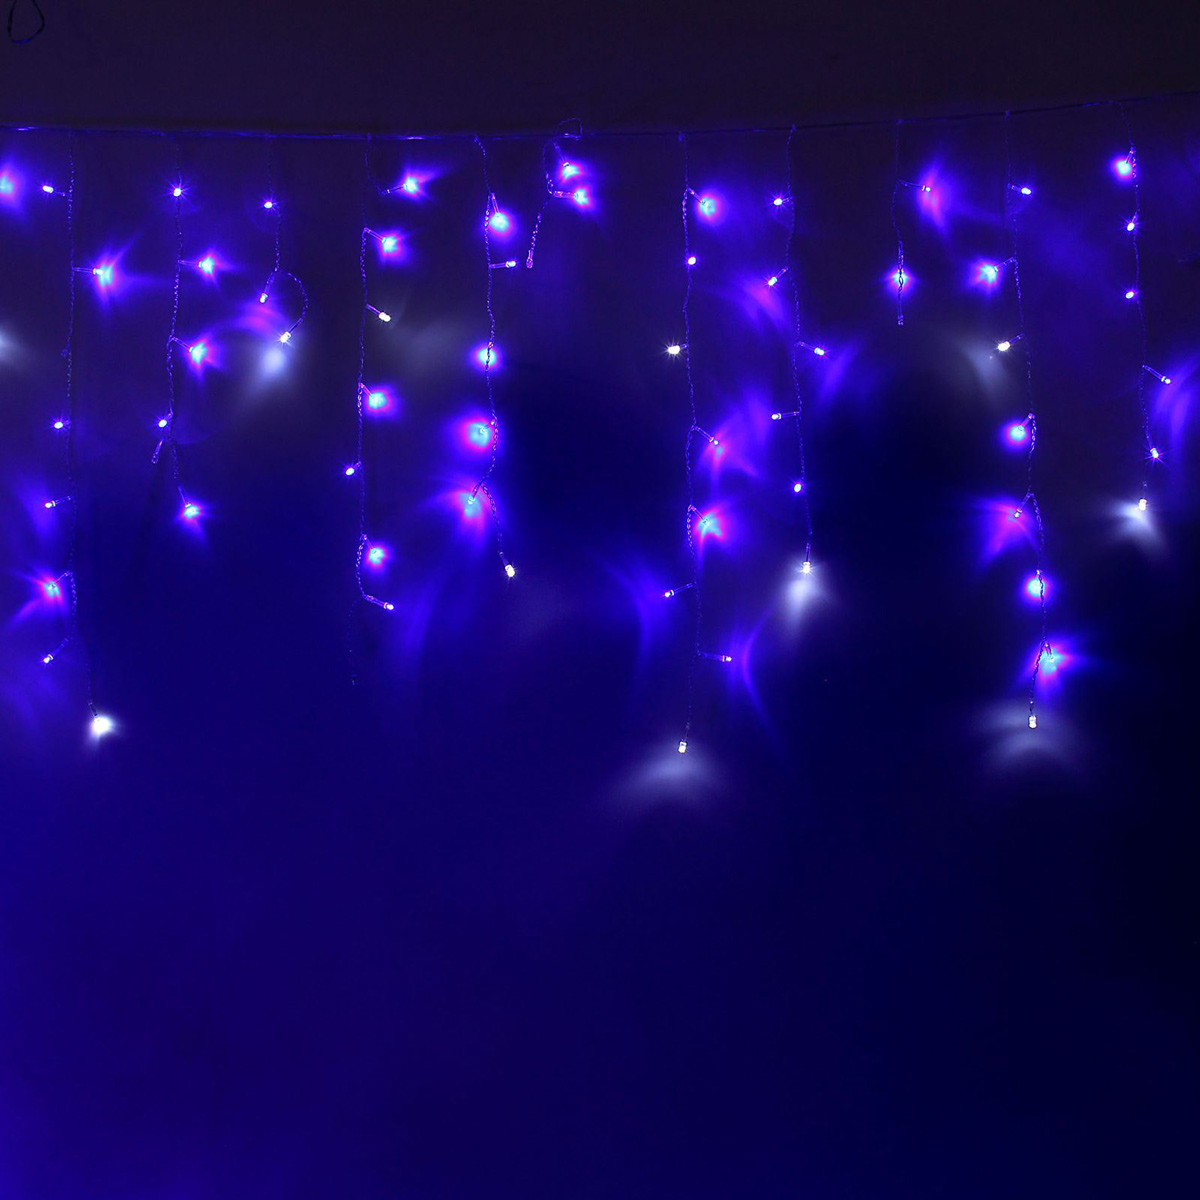 Гирлянда светодиодная Luazon Бахрома, эффект мерцания, 299 ламп, 220 V, 5,2 х 0,6 м, цвет: синий, белый. 10804281080428Гирлянда светодиодная Бахрома - это отличный вариант для новогоднего оформления интерьера или фасада. С ее помощью помещение любого размера можно превратить в праздничный зал, а внешние элементы зданий, украшенные гирляндой, мгновенно станут напоминать очертания сказочного дворца. Такое украшение создаст ауру предвкушения чуда. Деревья, фасады, витрины, окна и арки будто специально созданы, чтобы вы украсили их светящимися нитями.